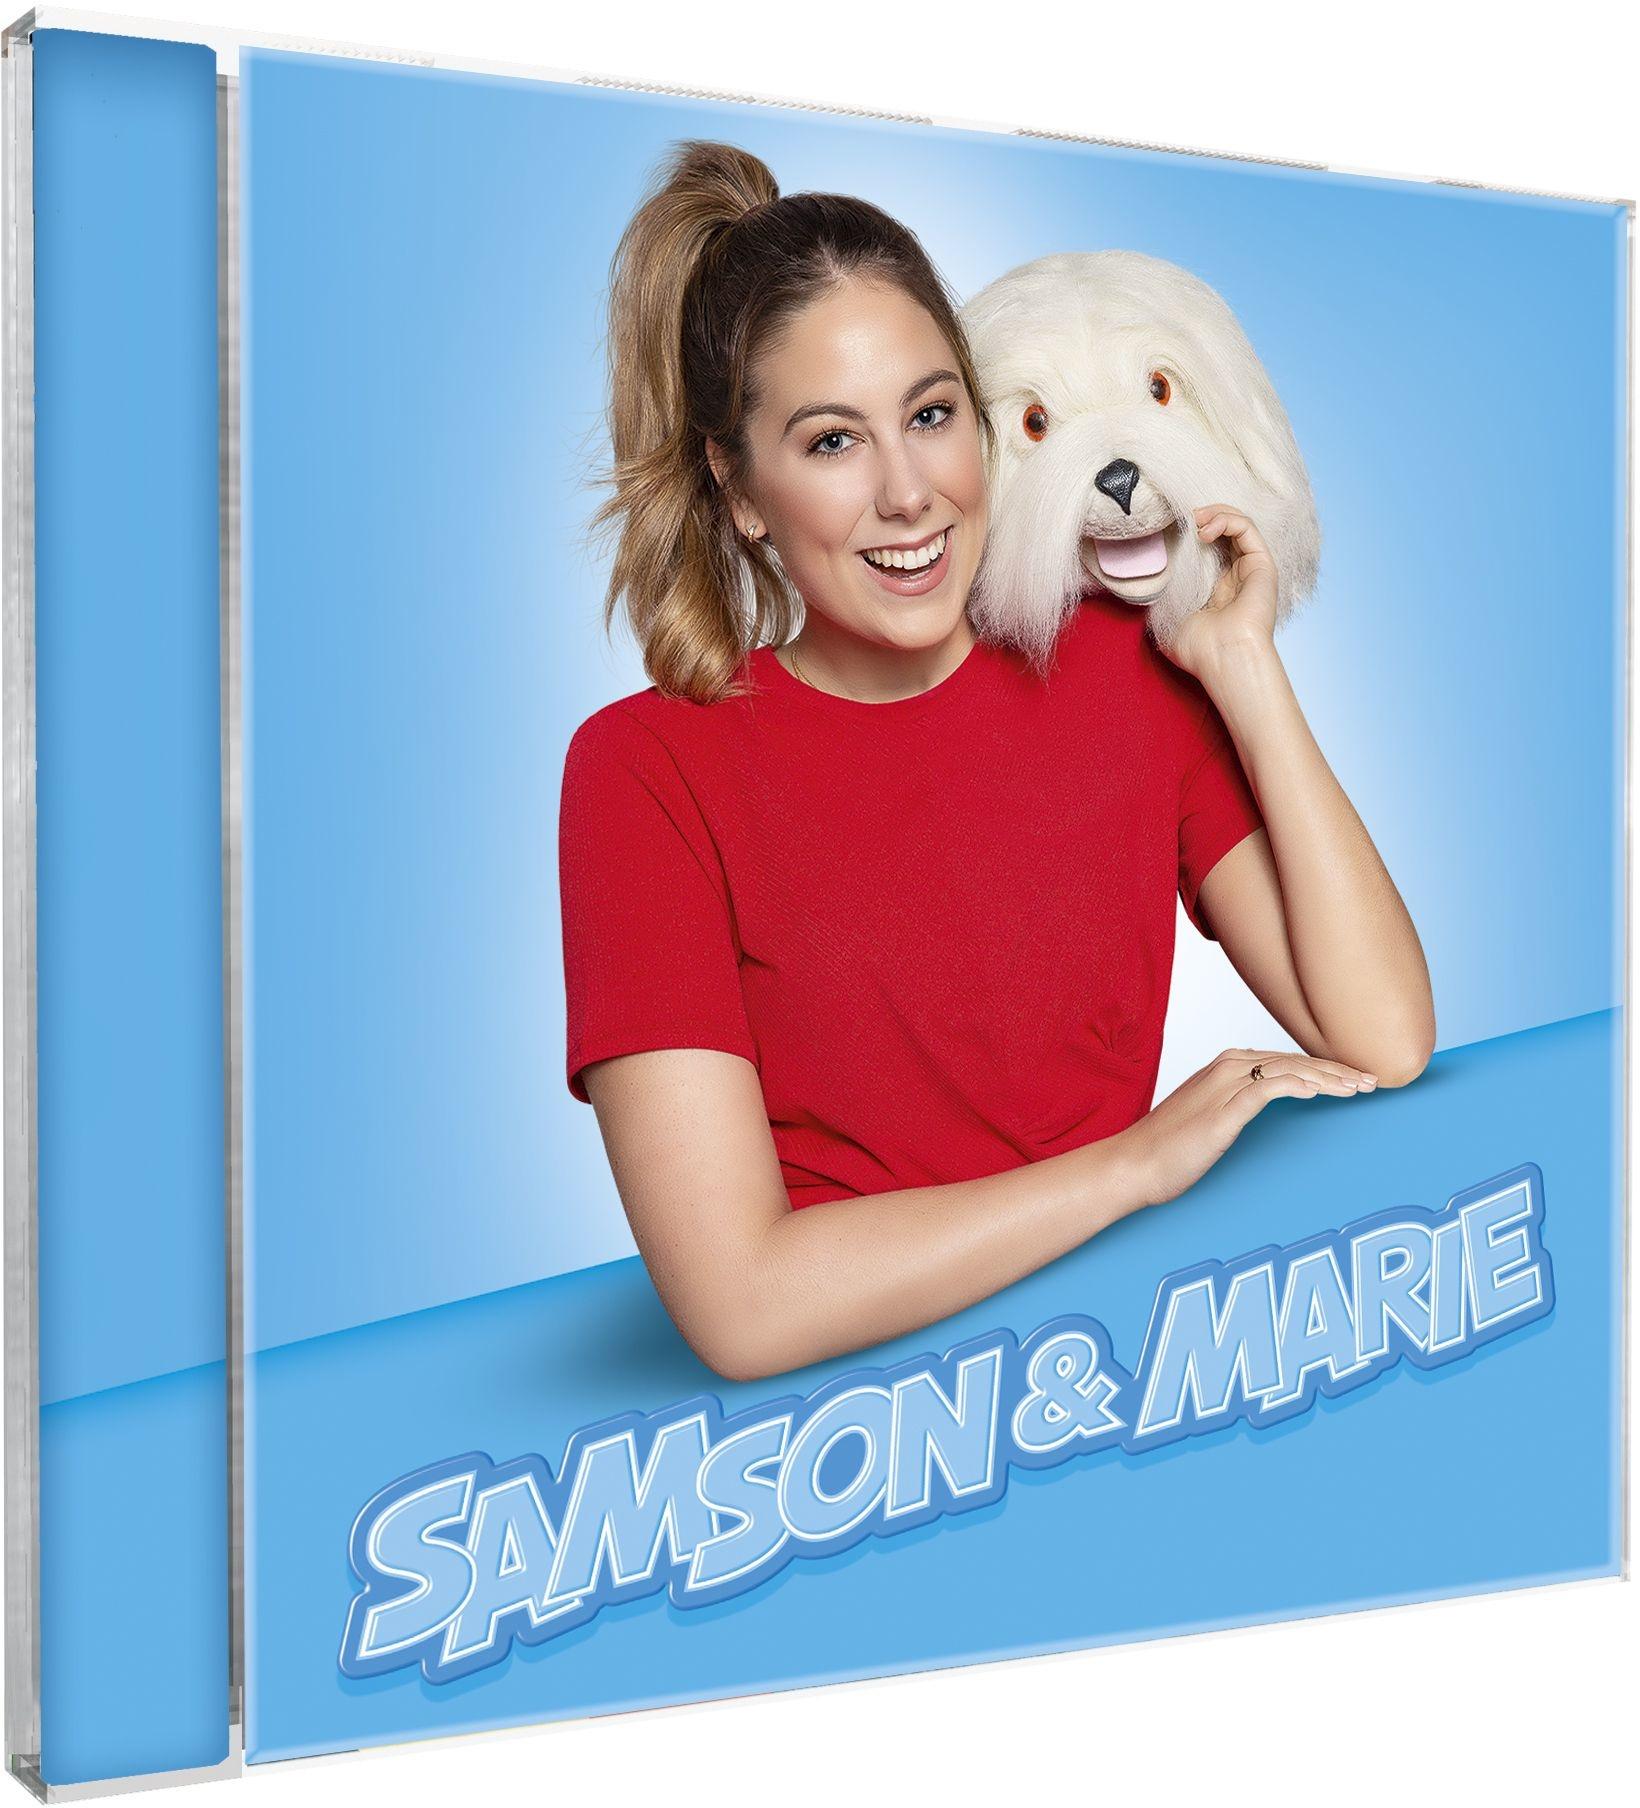 Cd Samson en Marie